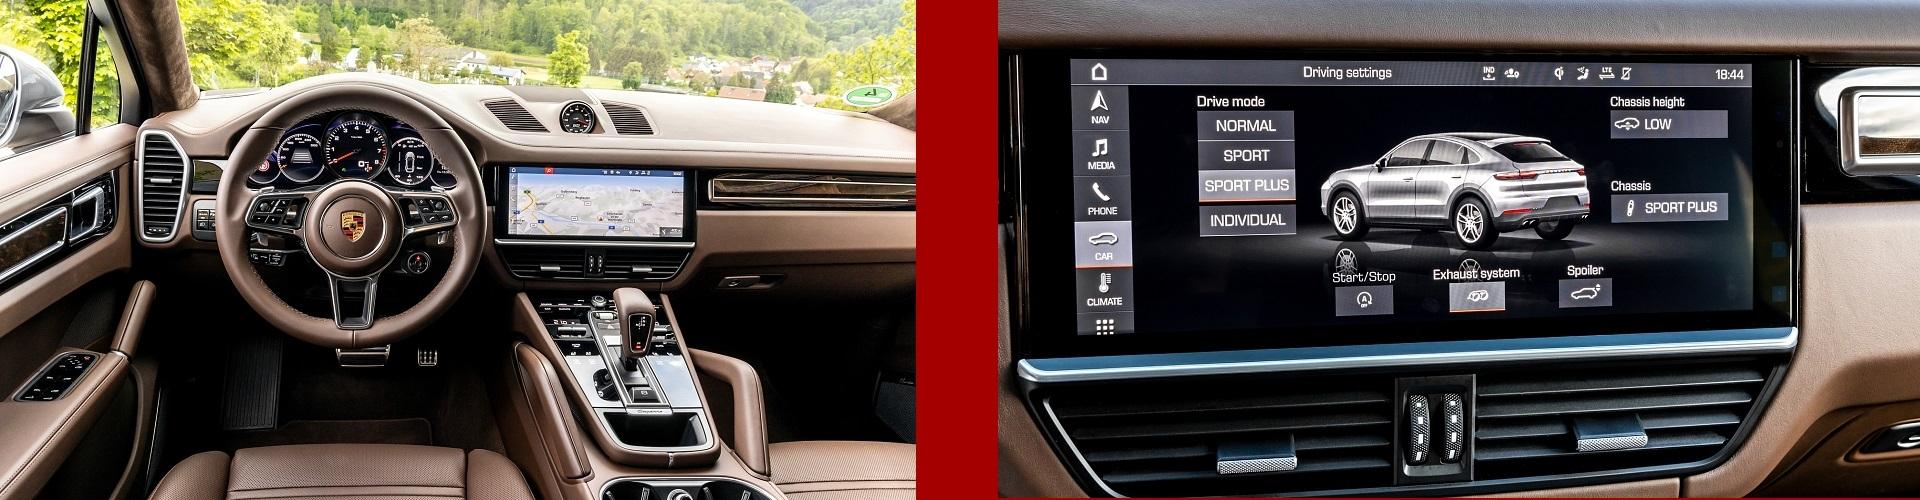 Porsche Navigasyon Multimedia Arka Eğlence Geri Görüş Kamerası Donanım Yükseltme